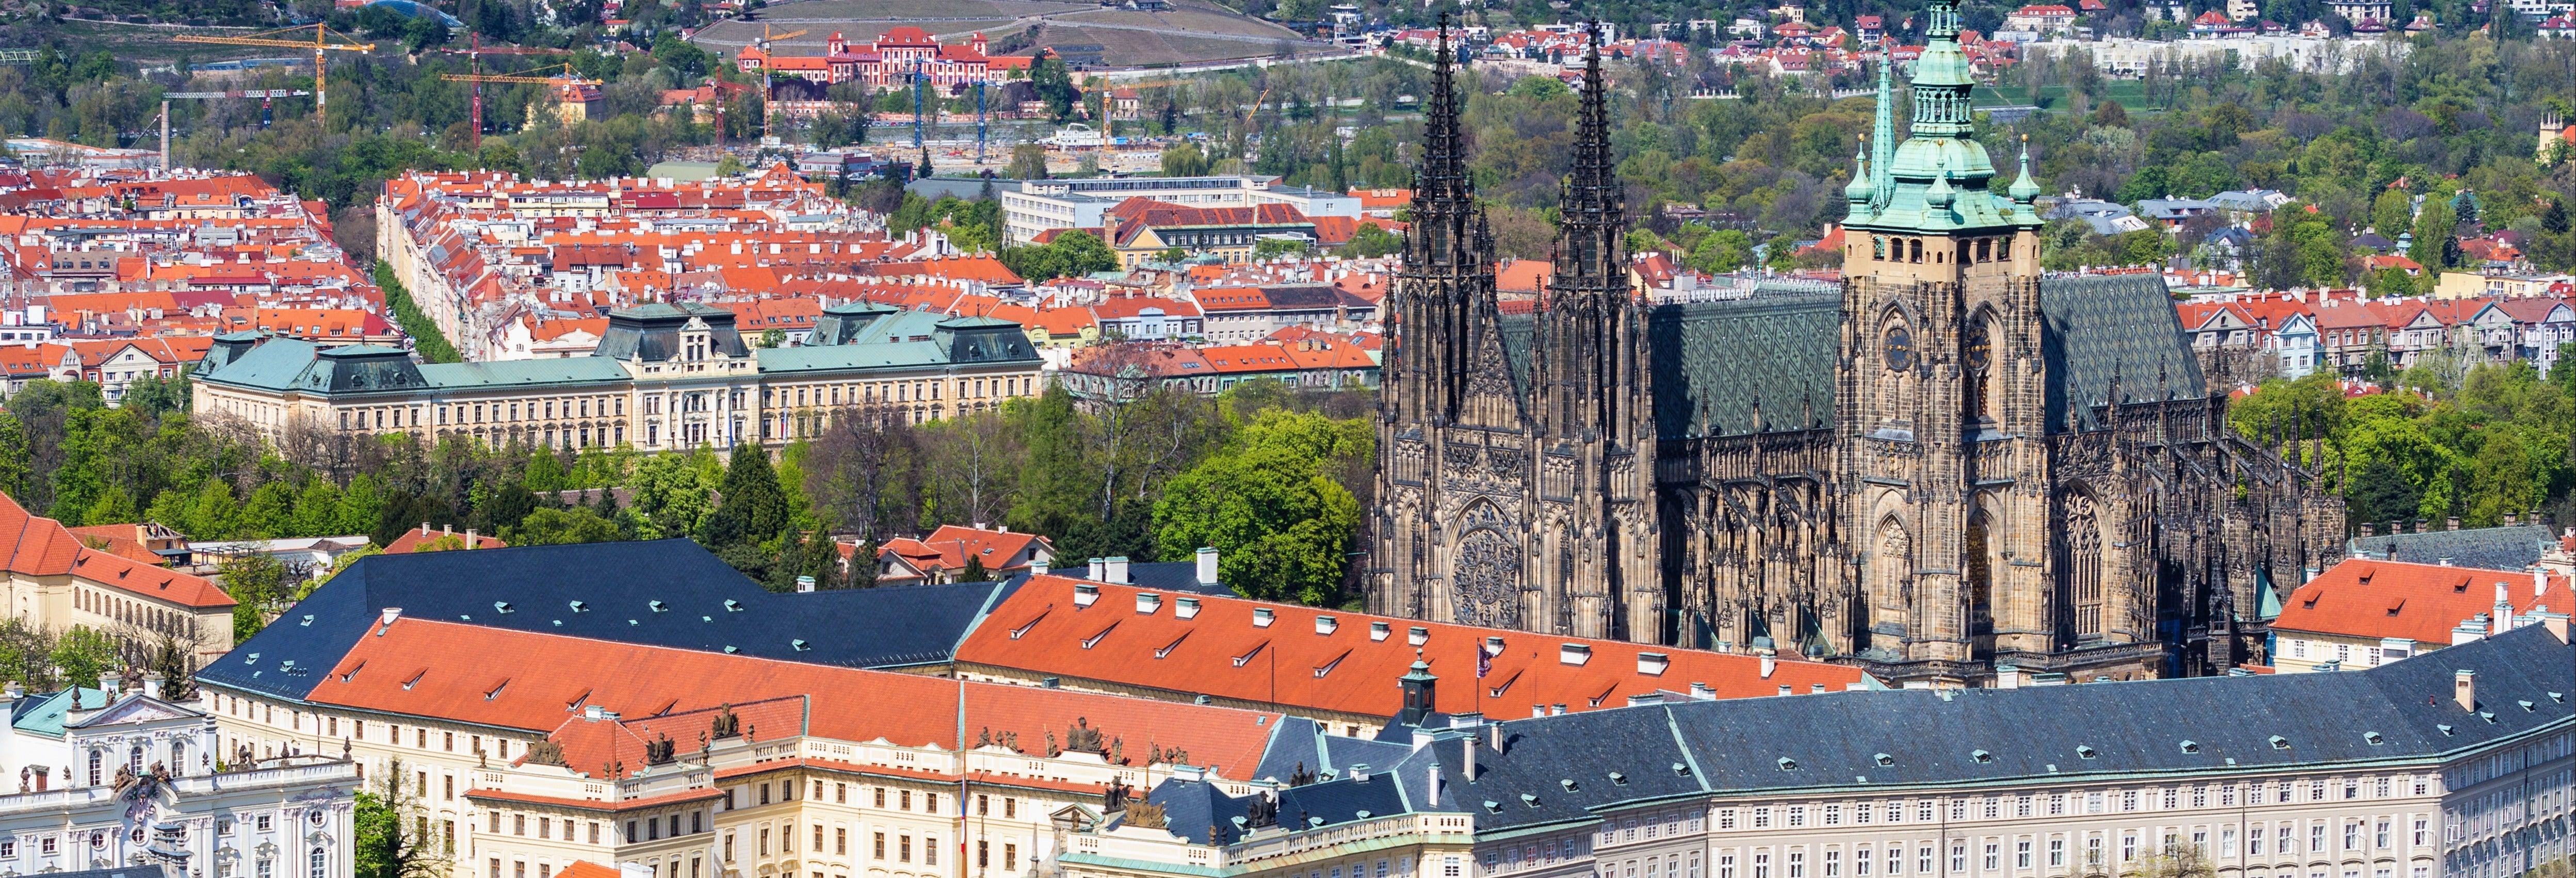 Tour del Castello di Praga